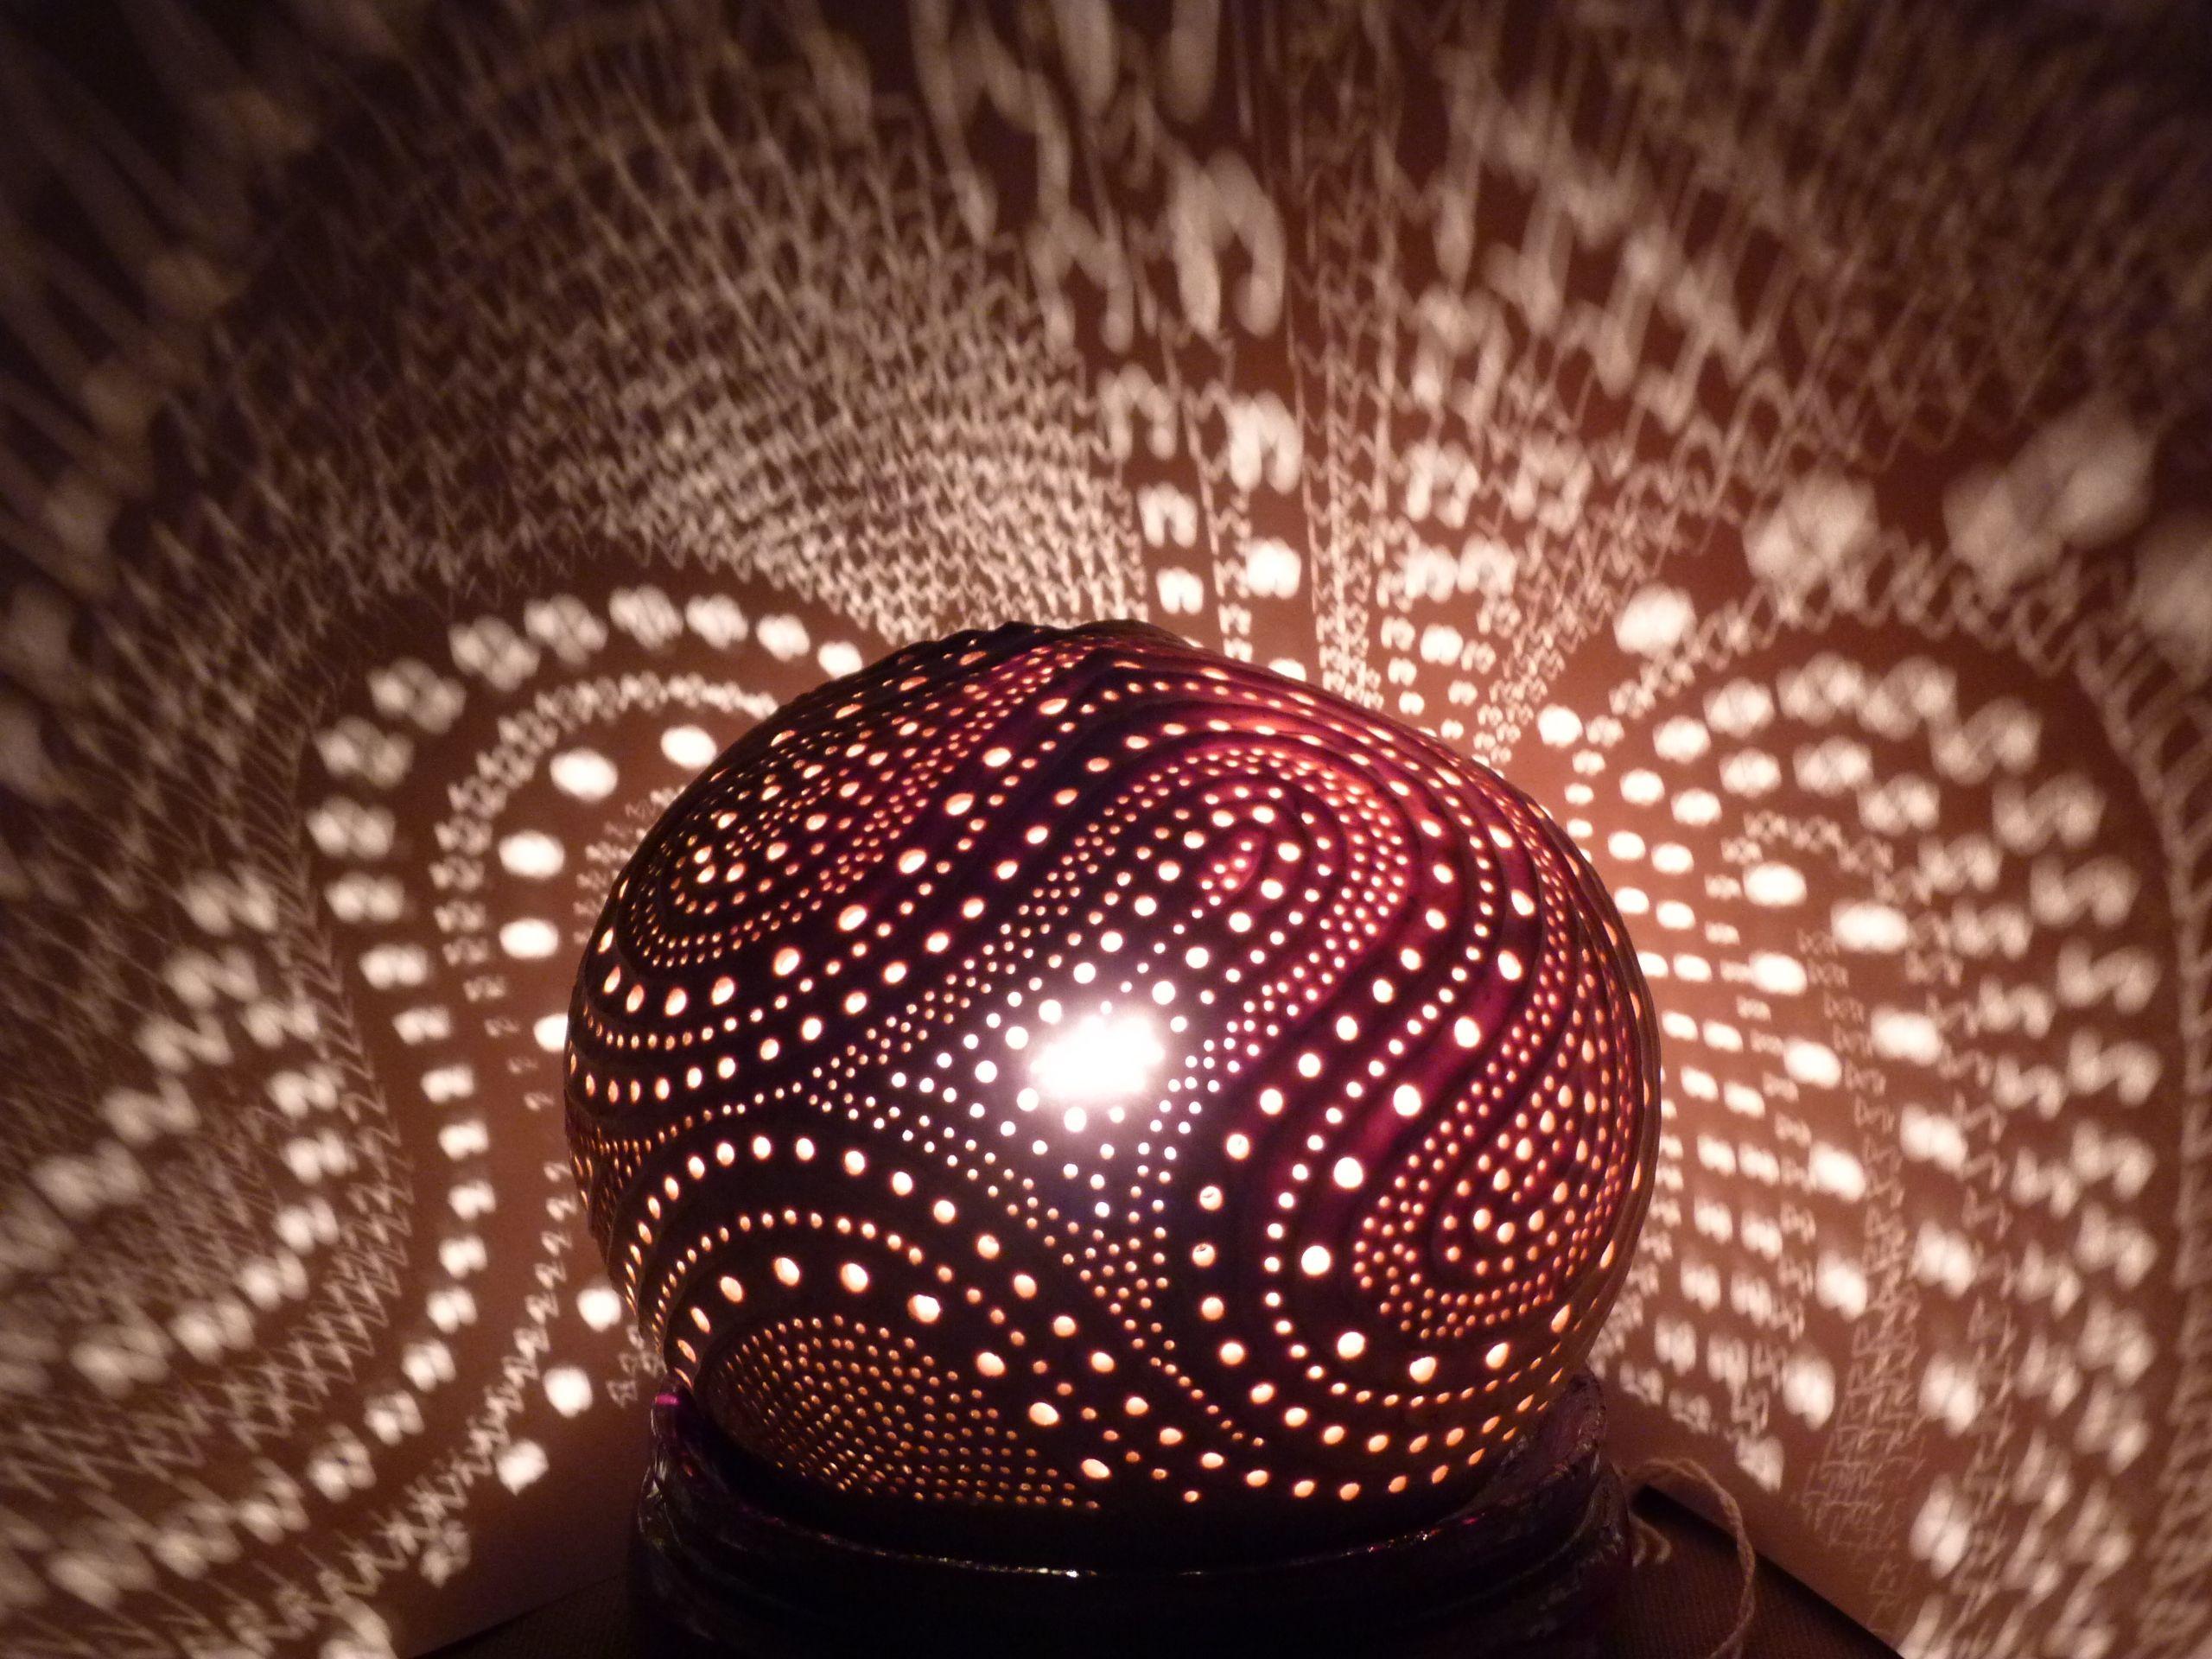 Lampe d 39 ambiance en noix de coco sculpt e ambiance lamp - Lampe d ambiance gifi ...